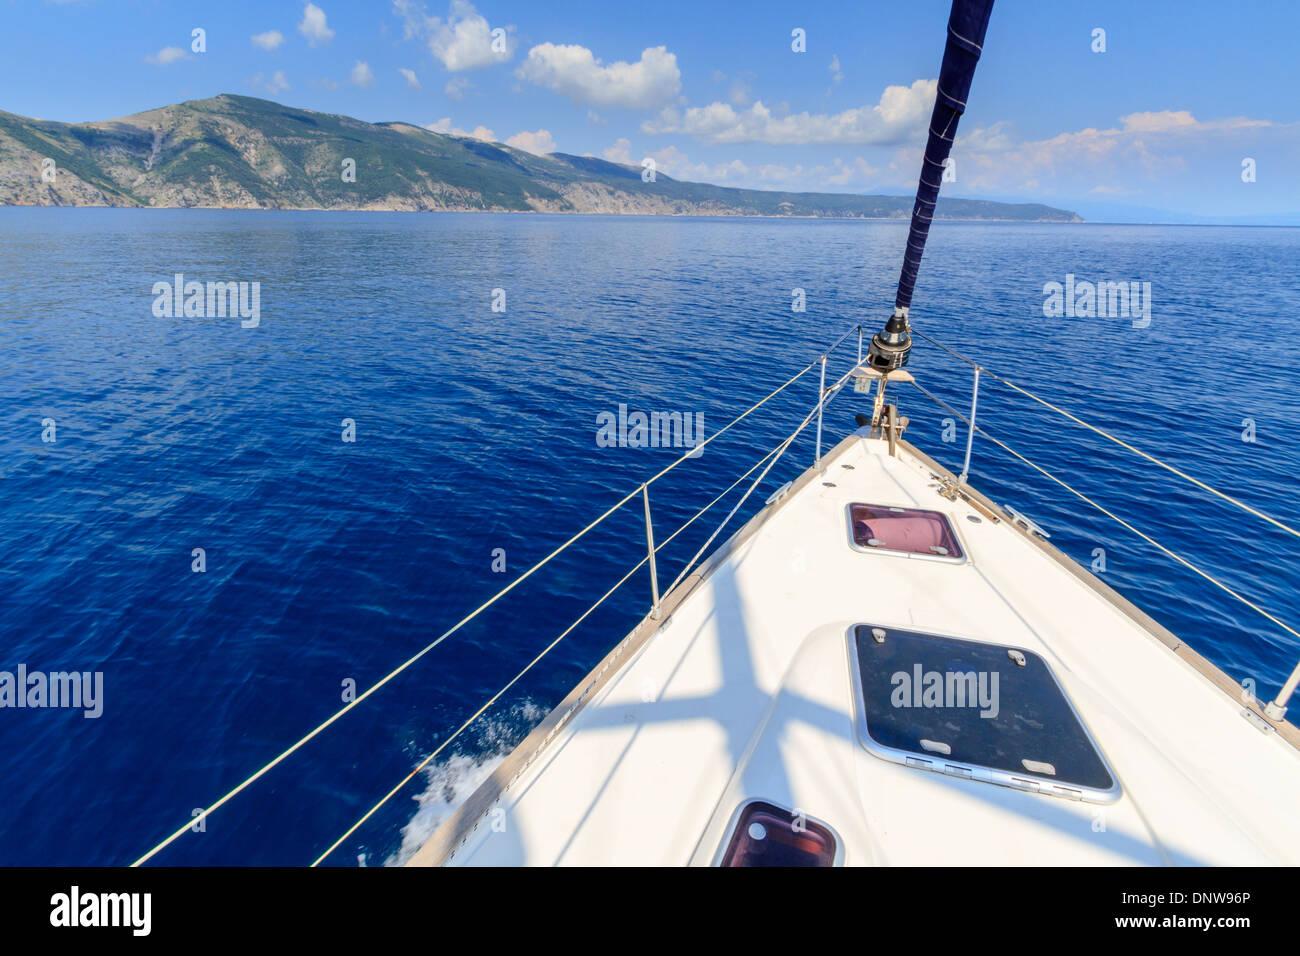 Proue de bateau à voile / yacht avec la mer bleue Photo Stock